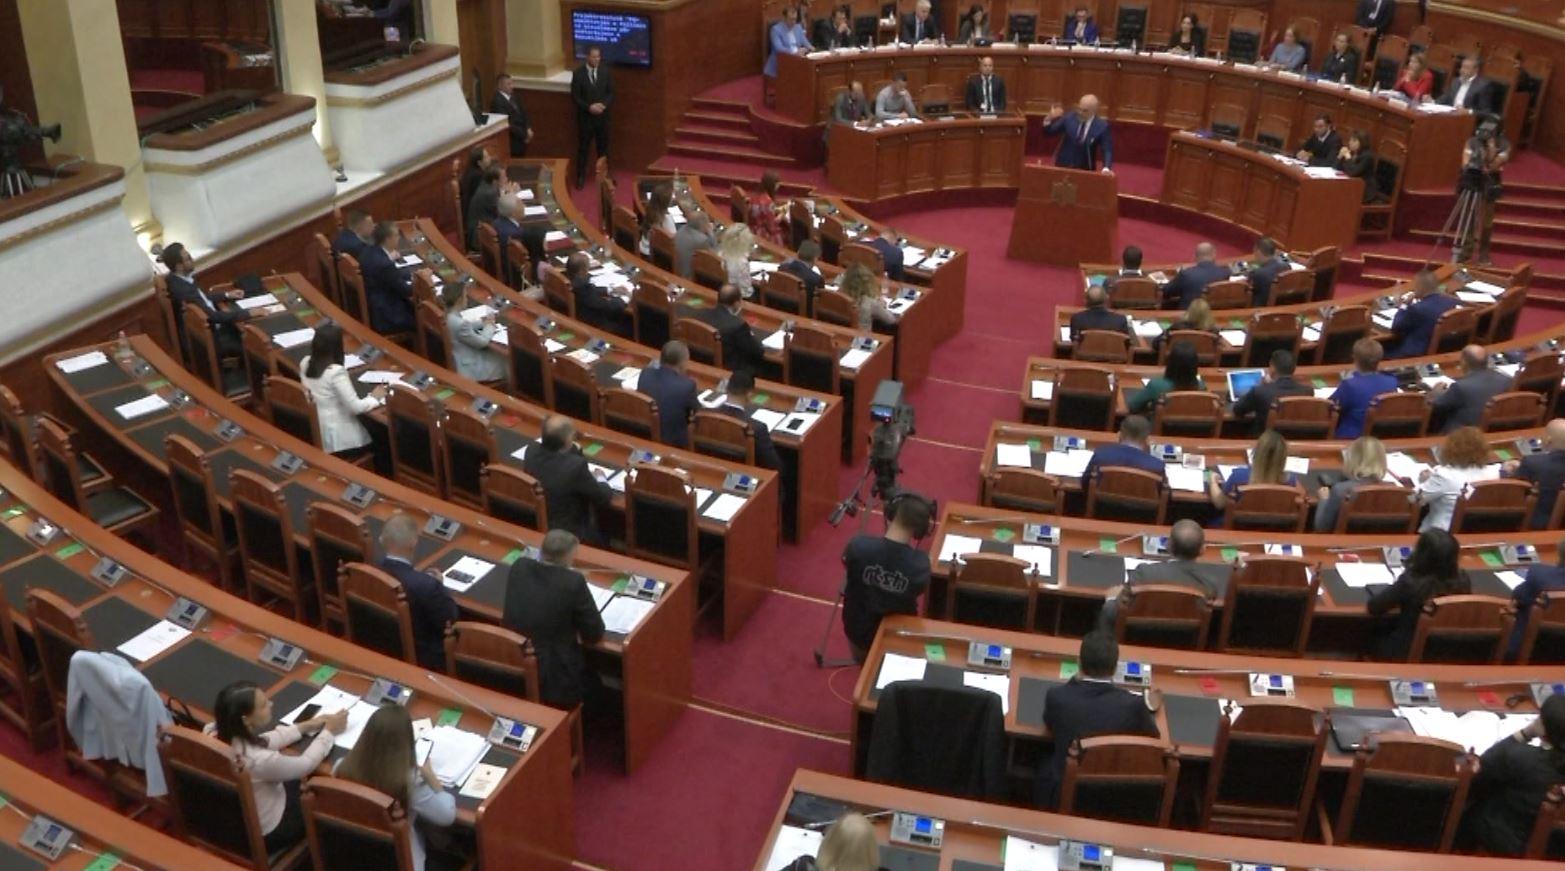 Konfindustria vë në pikëpyetje ligjet e miratuara në parlament